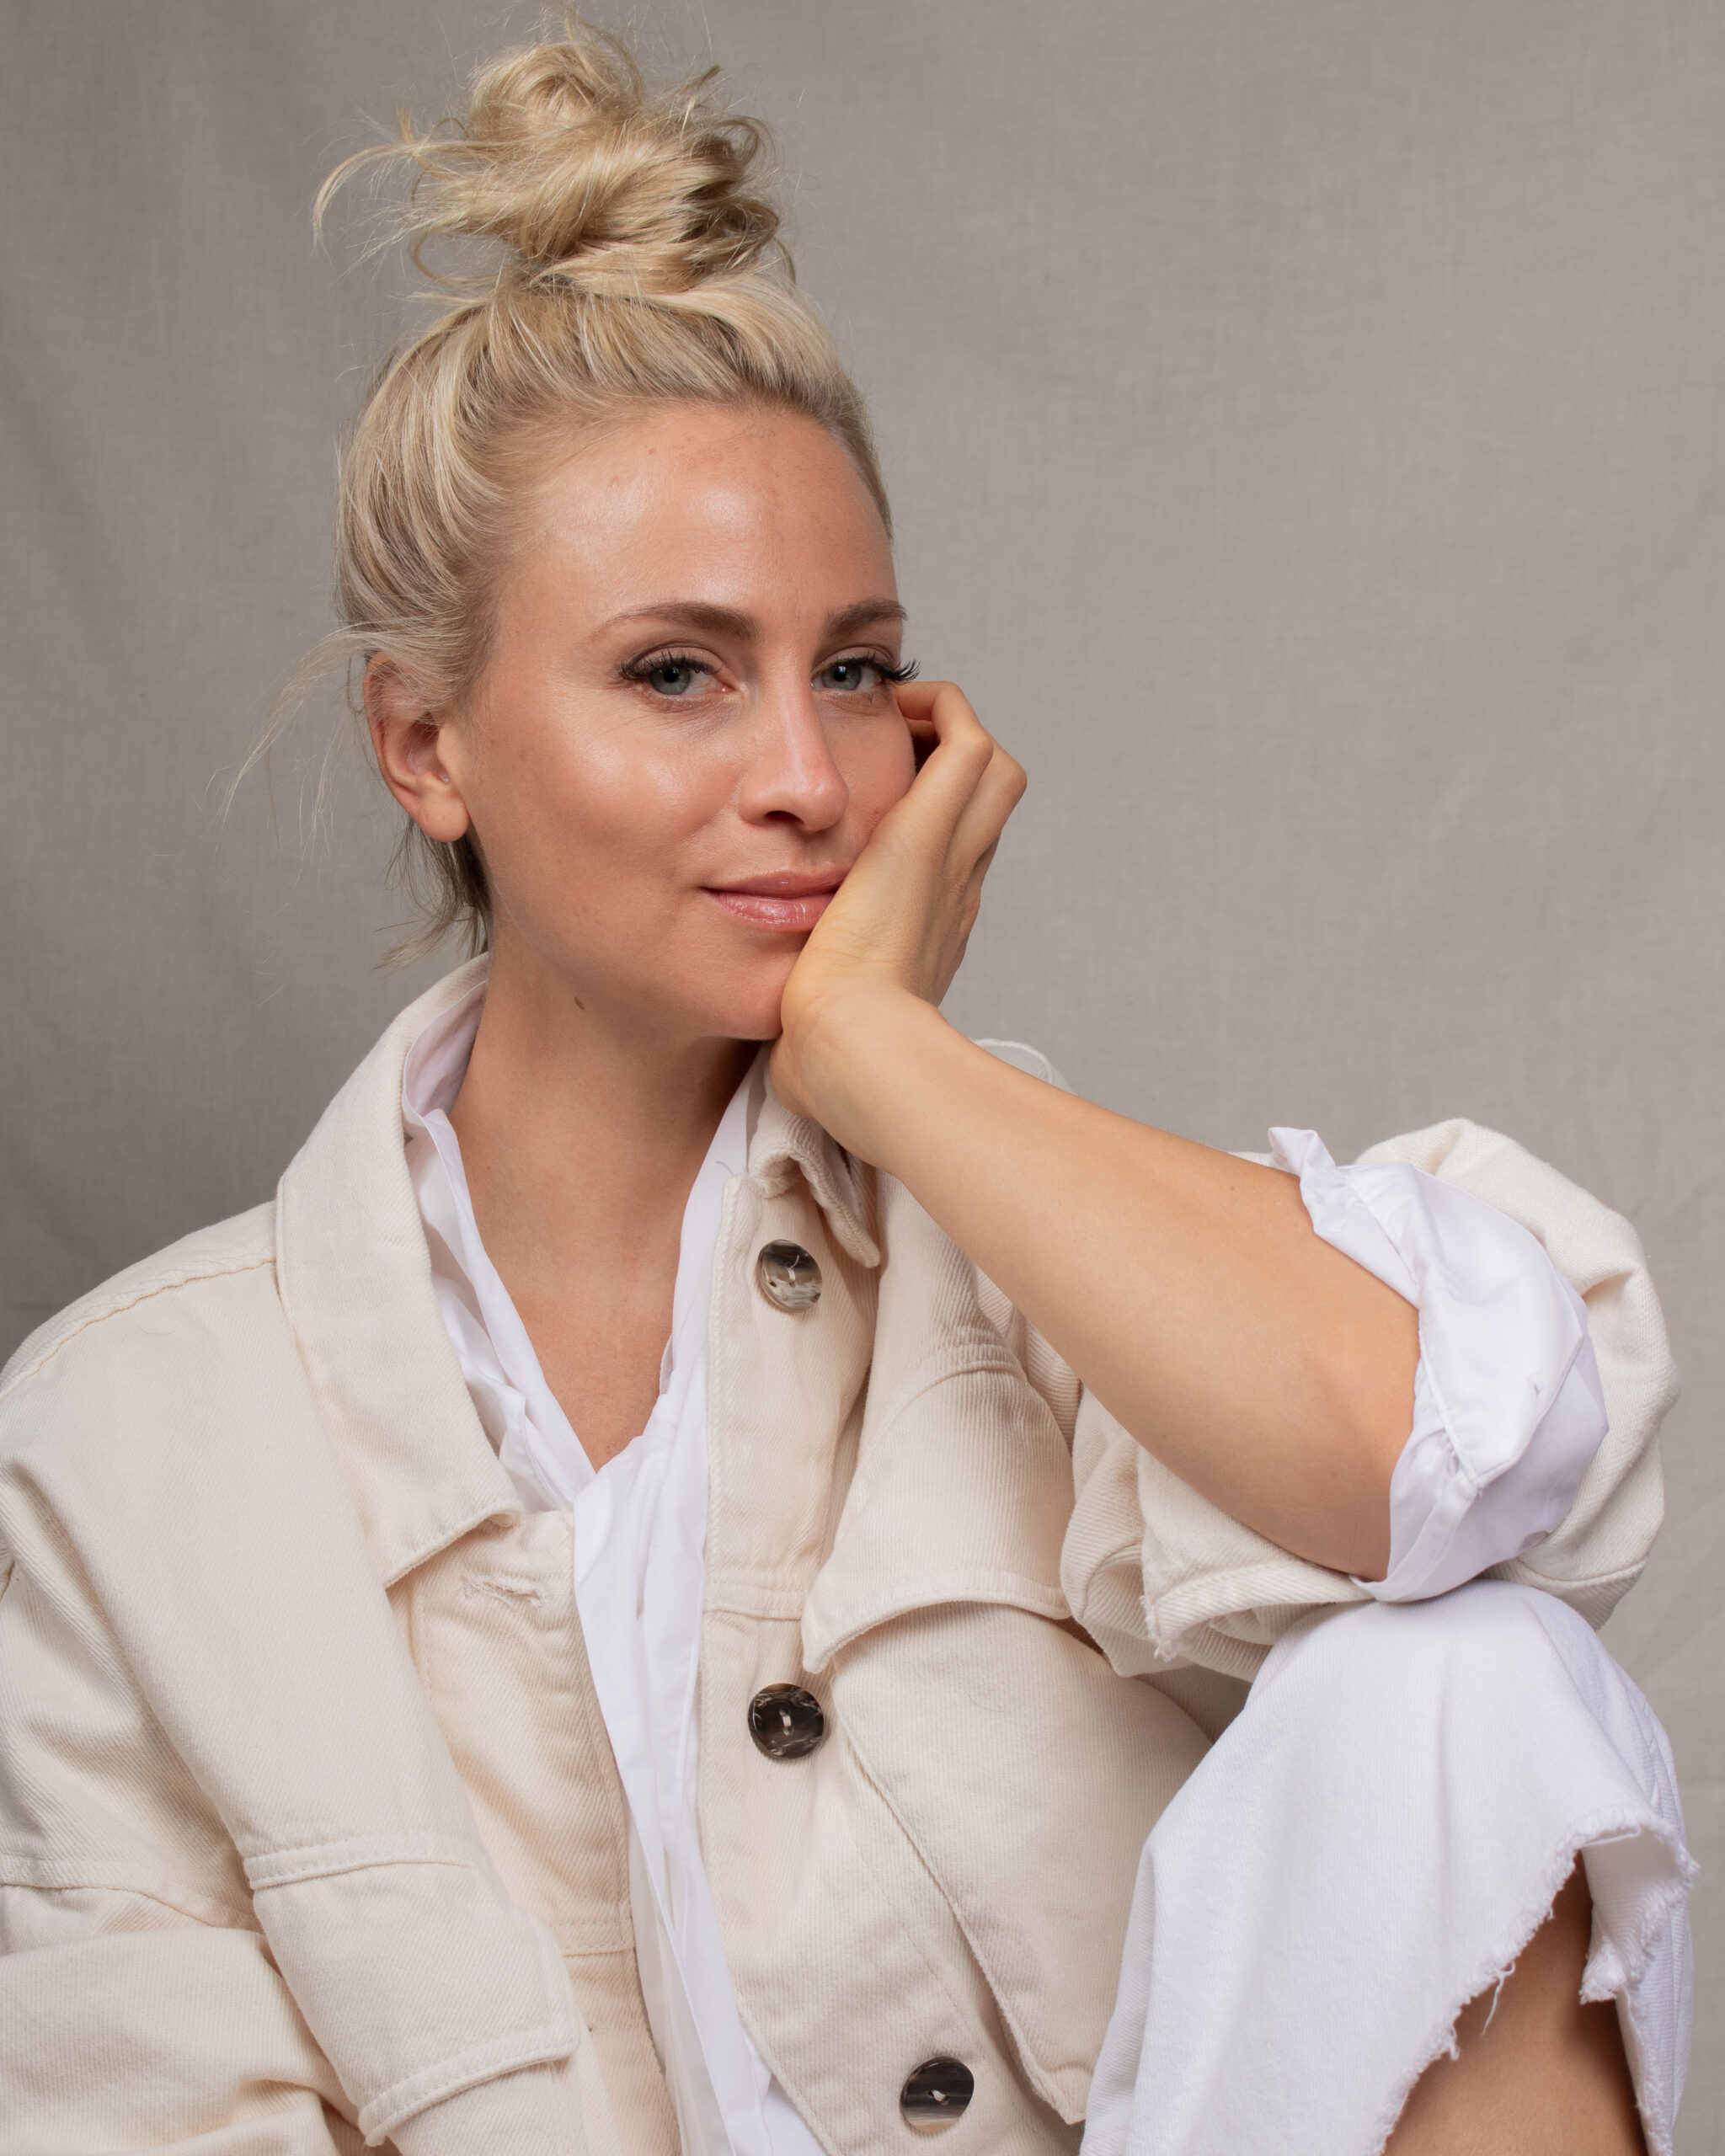 Ylumi Amely Kuchenbäcker